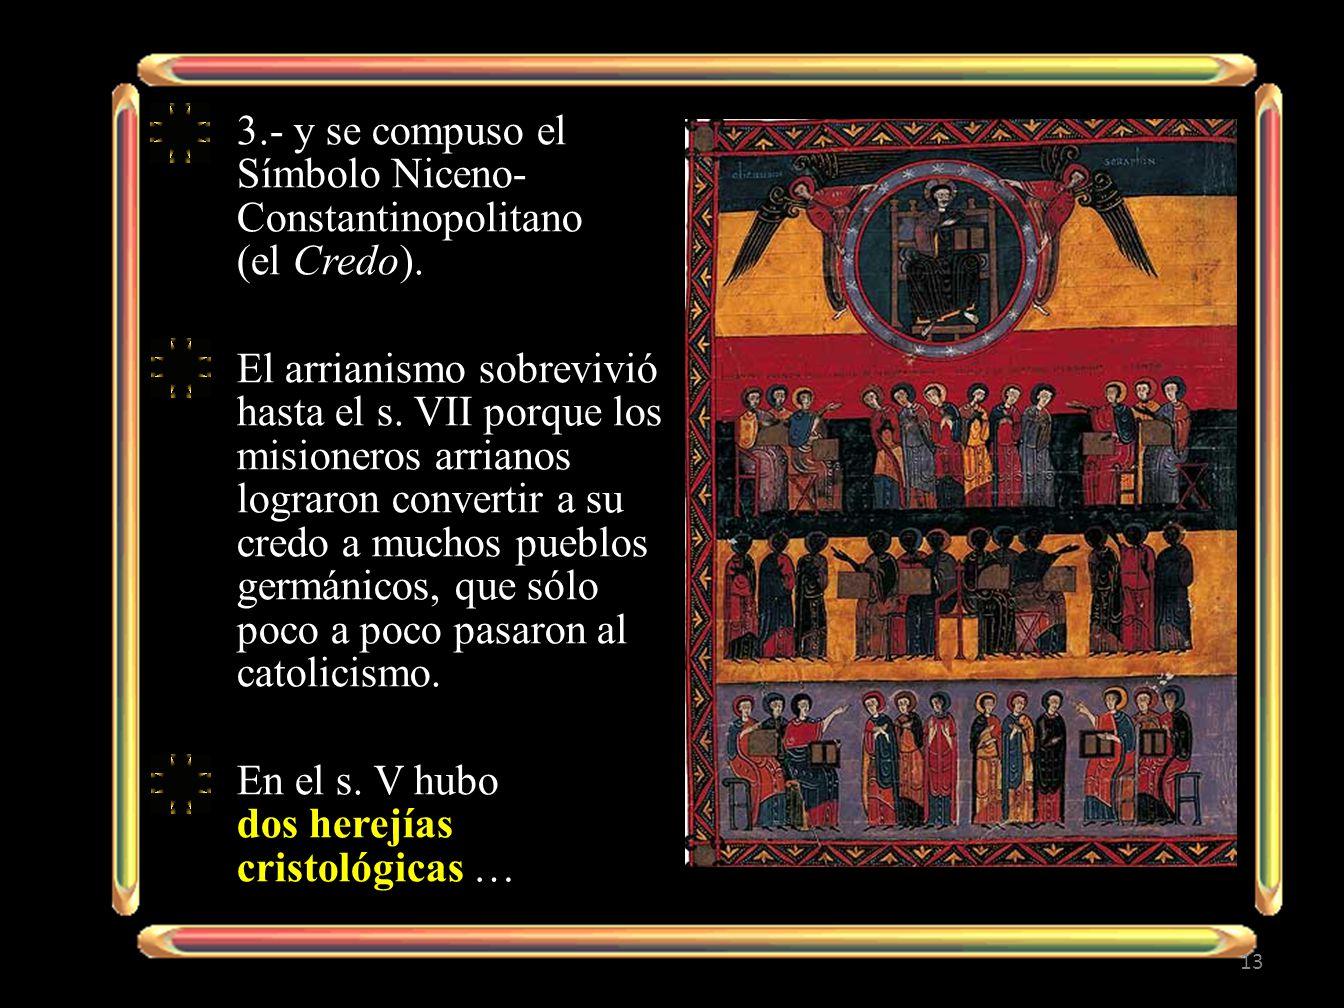 3.- y se compuso el Símbolo Niceno-Constantinopolitano (el Credo).